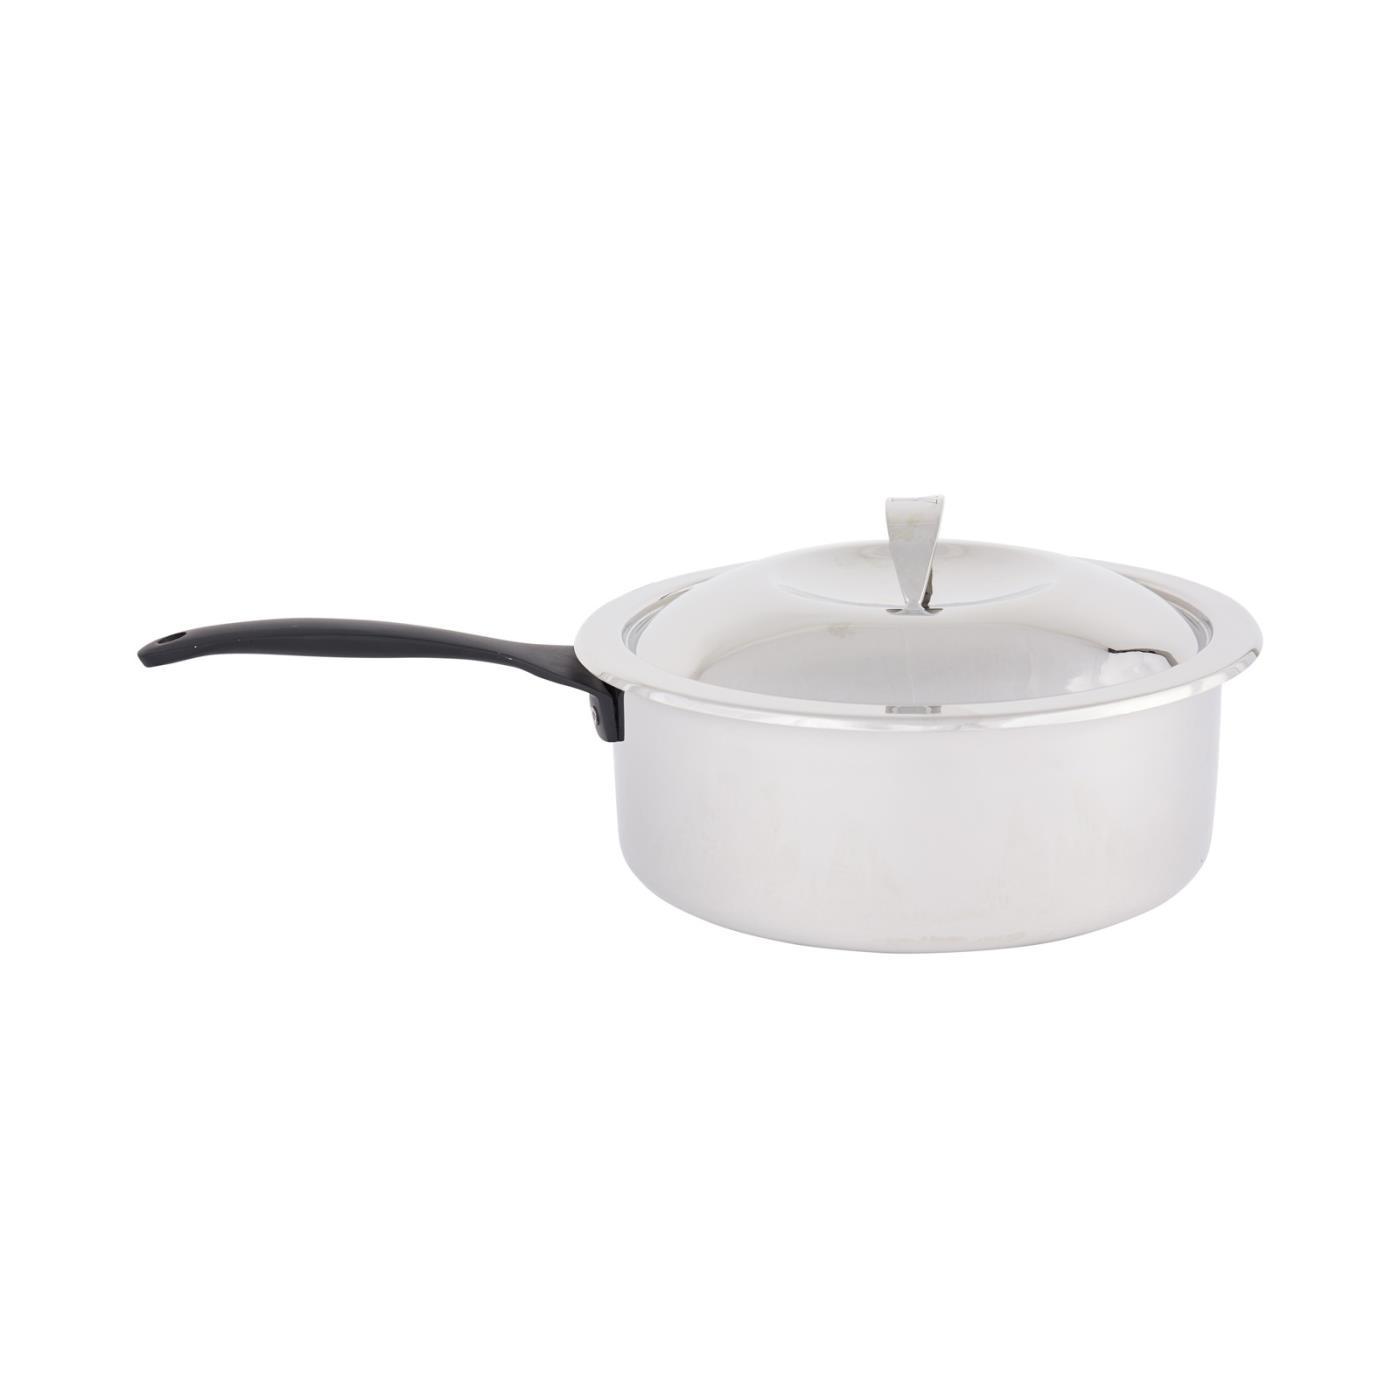 Steel Round Sauce Pan